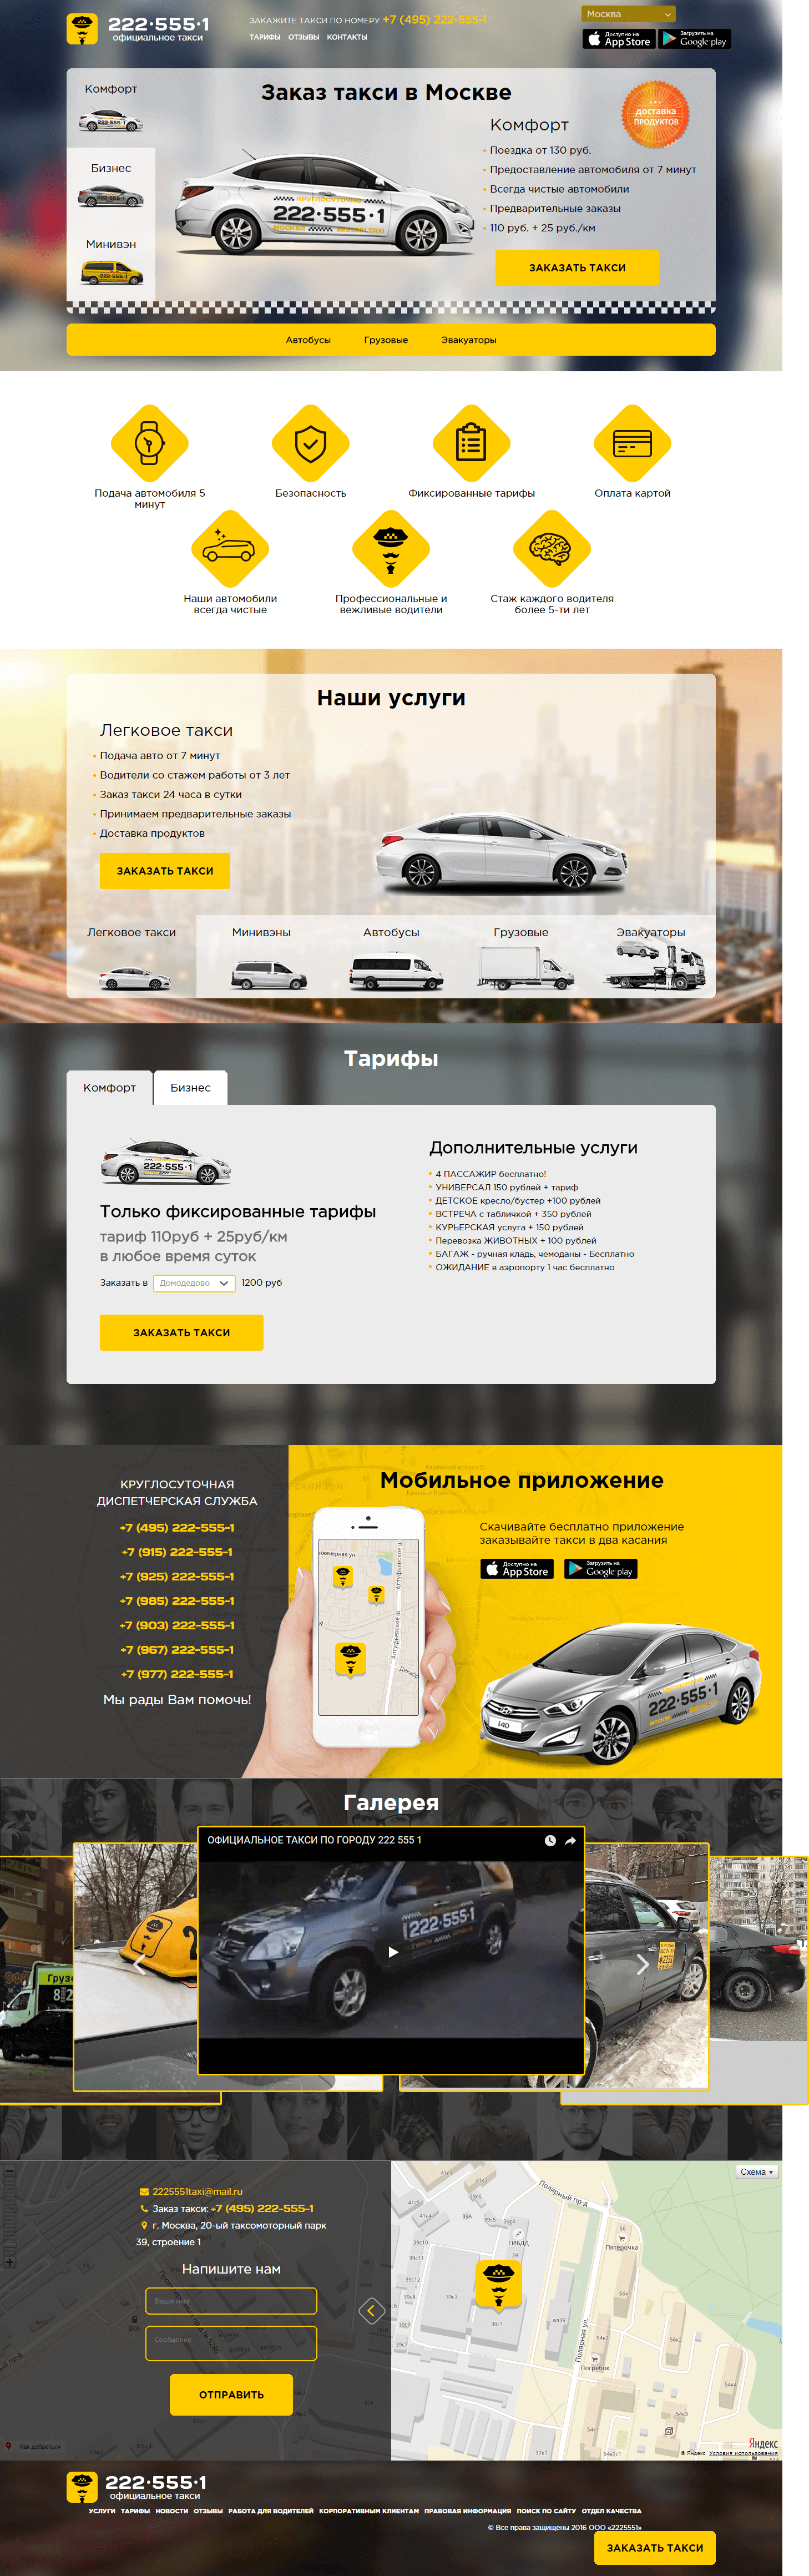 Разработка сайта Такси 2225551